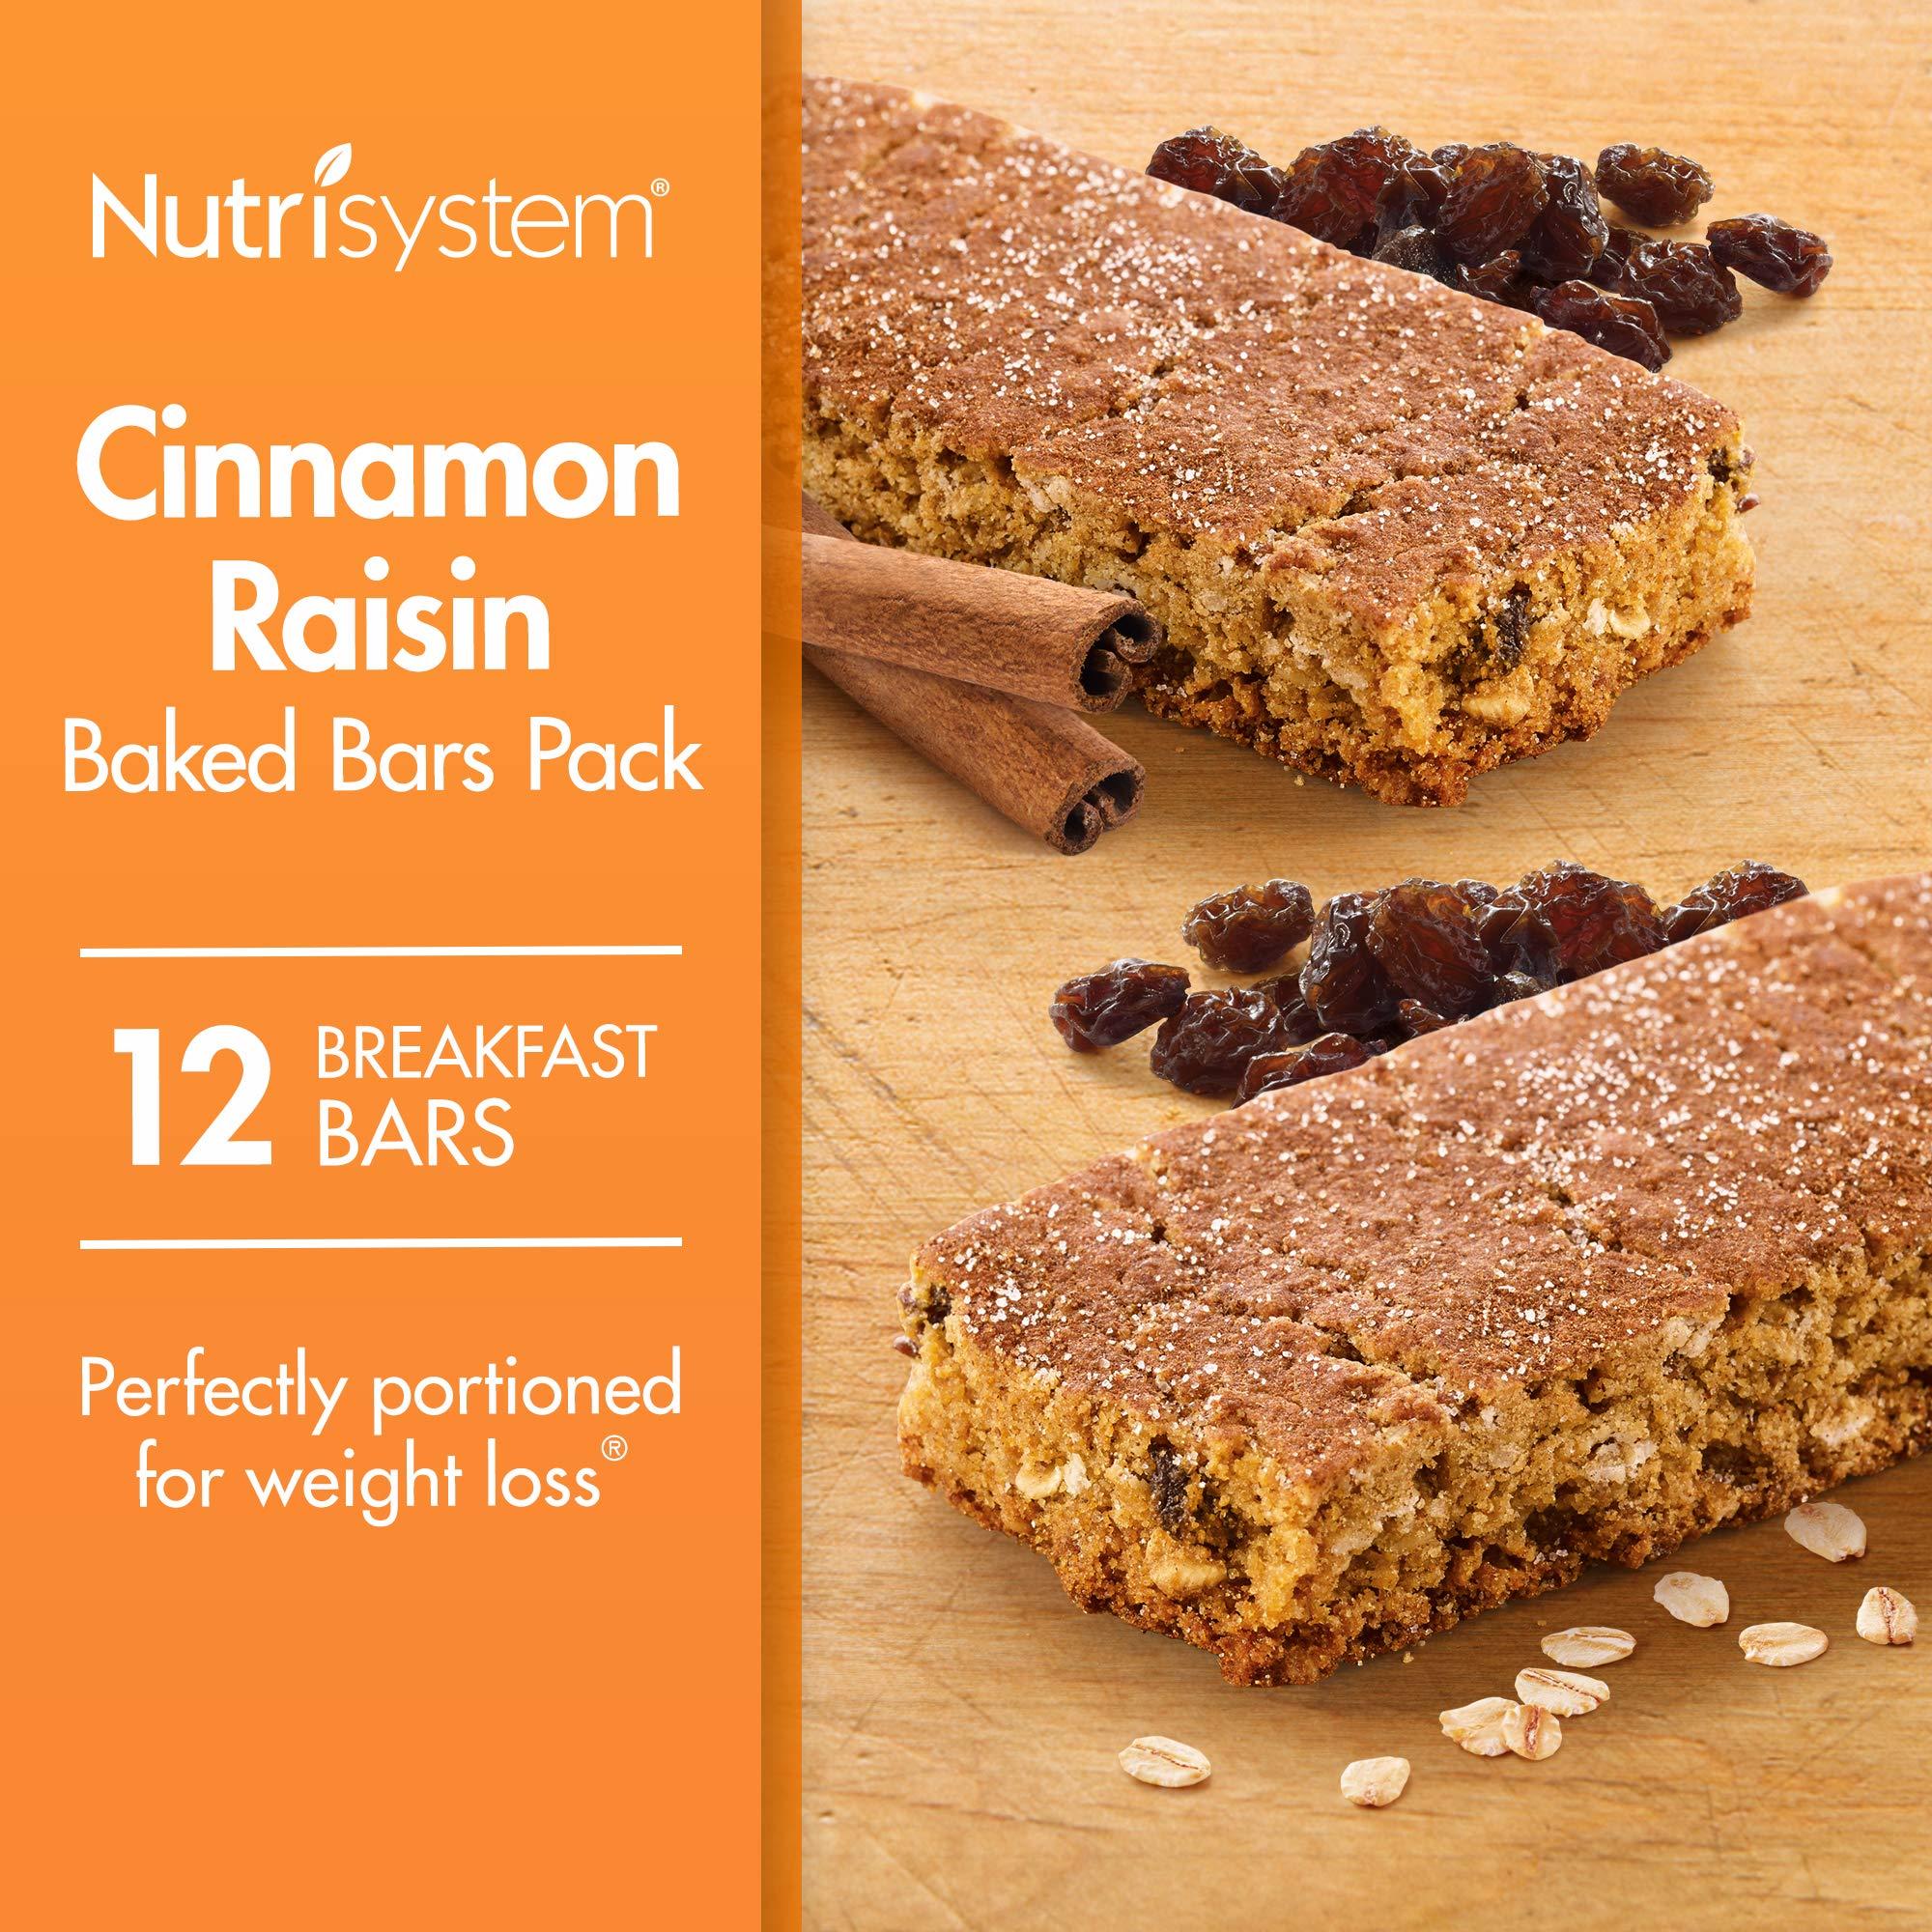 Nutrisystem® Cinnamon Raisin Baked Bars Pack, 12 Count Bars by Nutrisystem (Image #1)